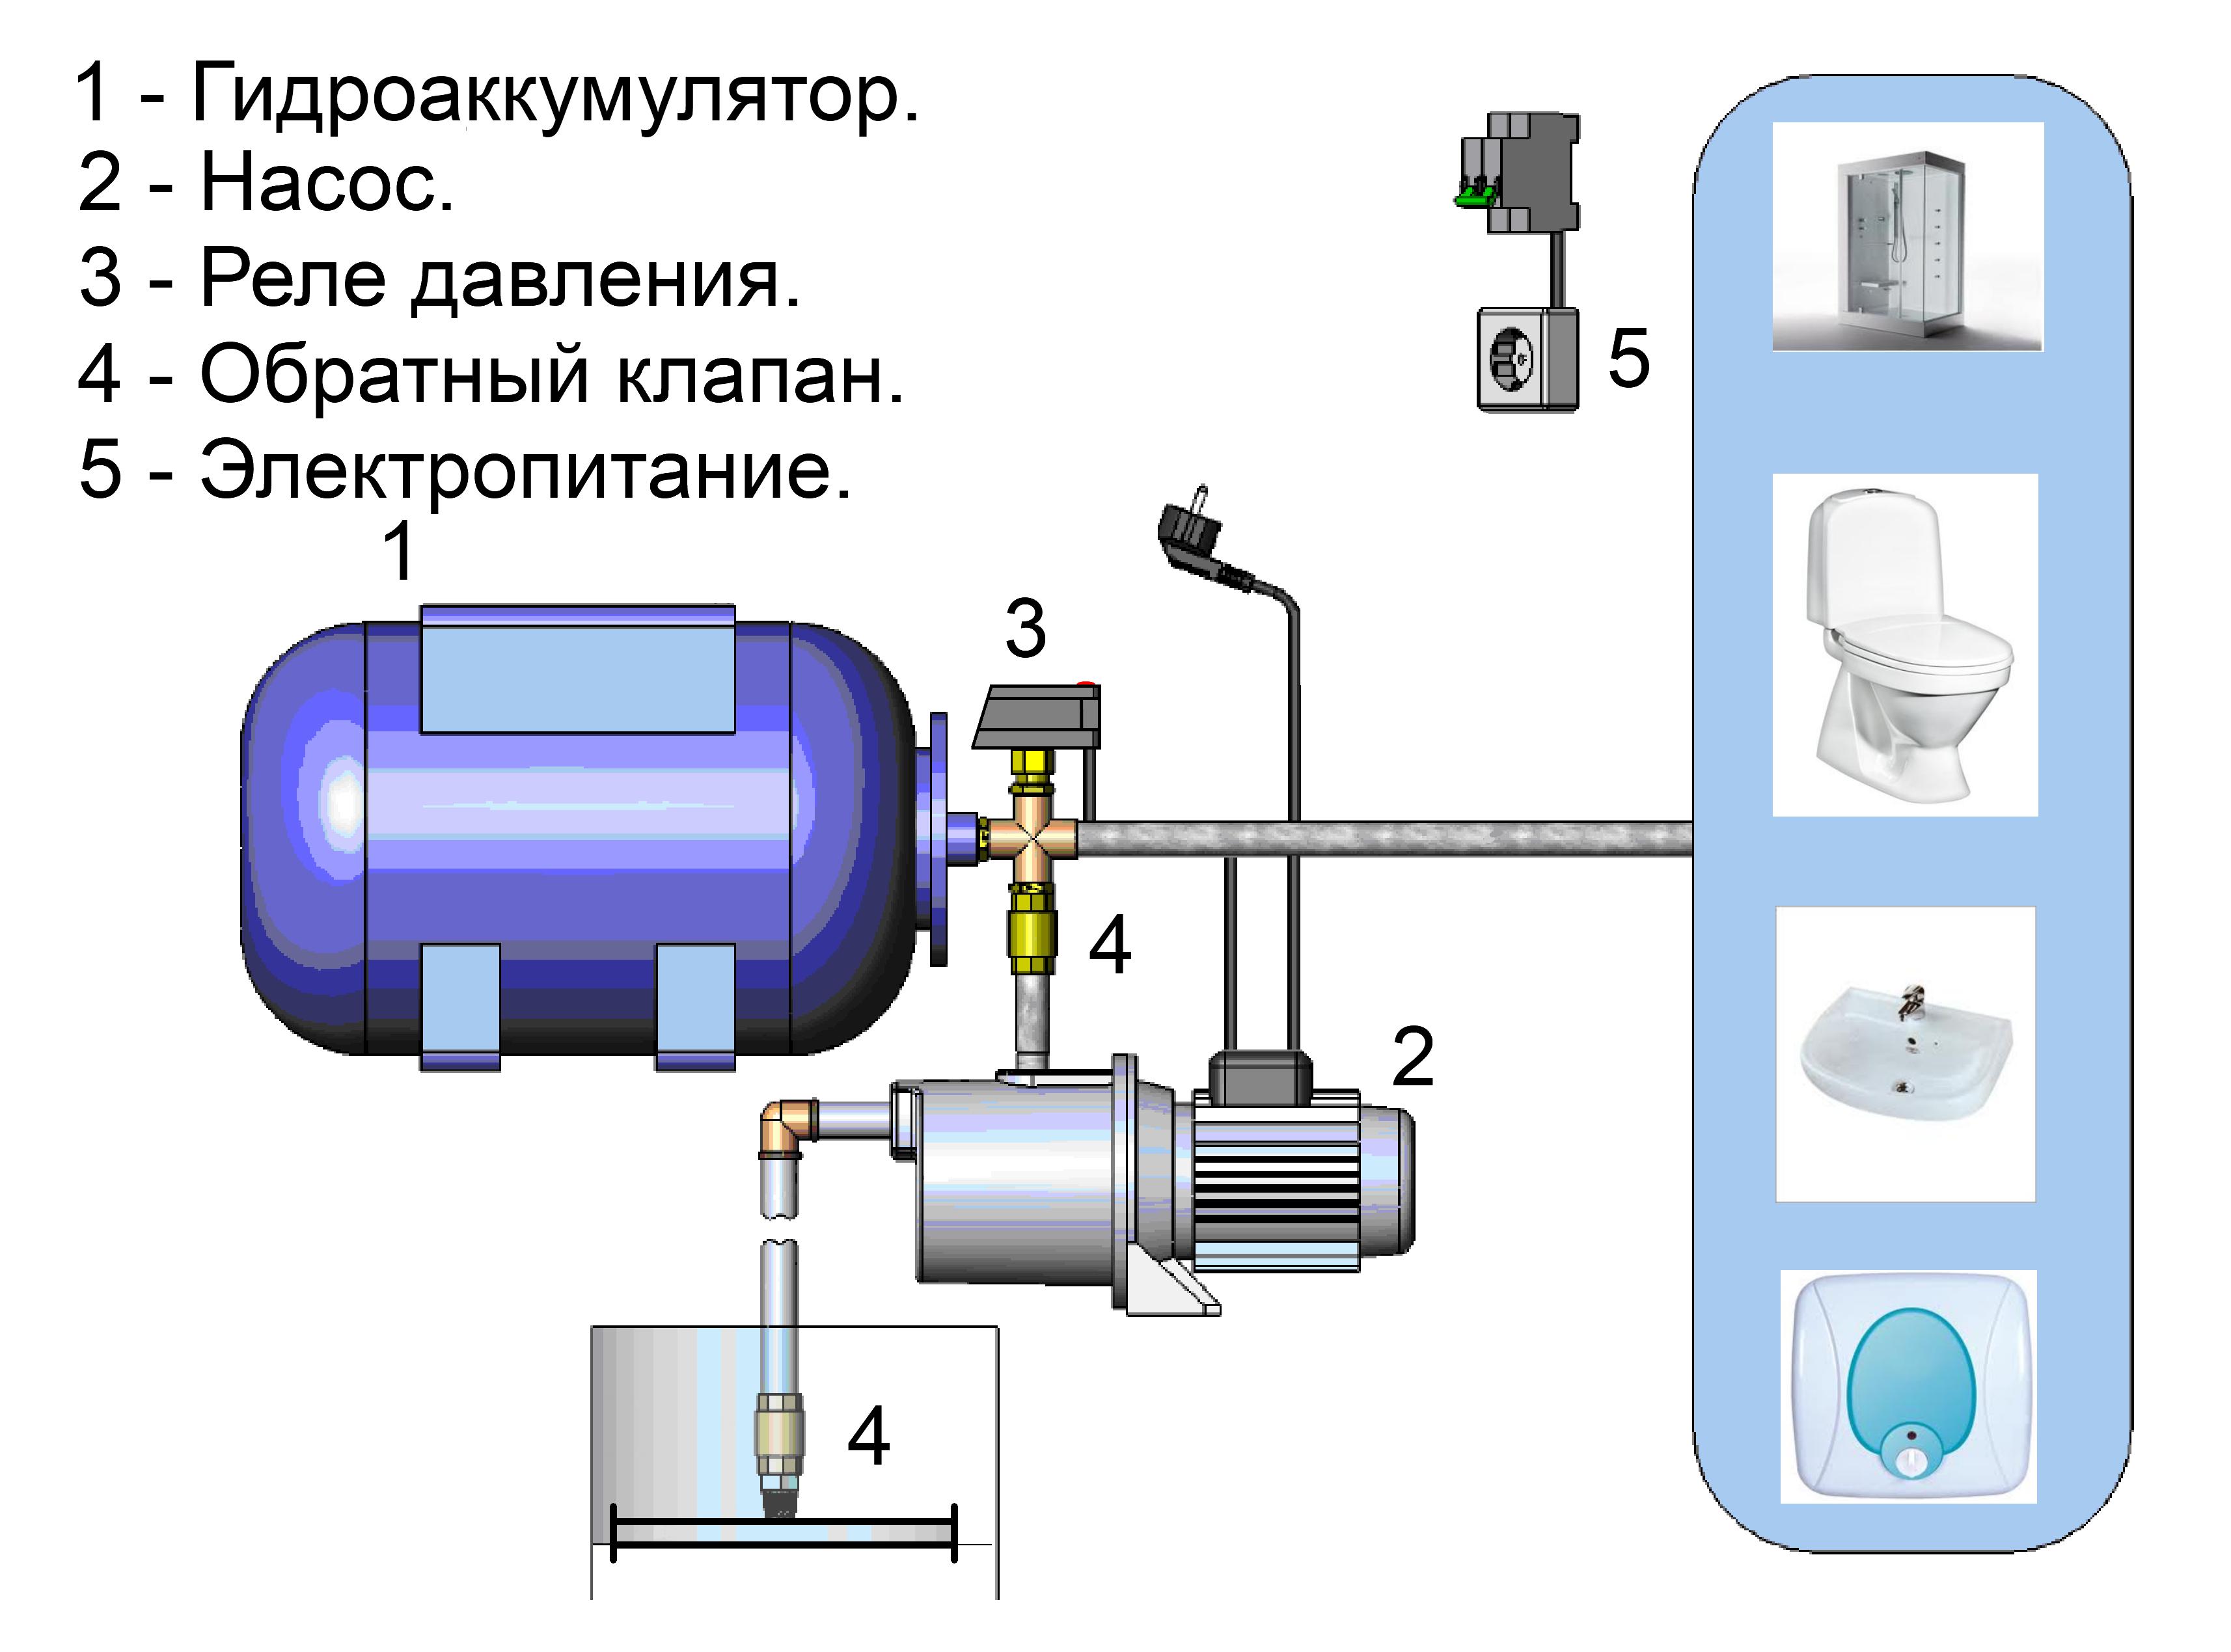 Схема водоснабжения частного дома с гидроаккумулятором фото 16